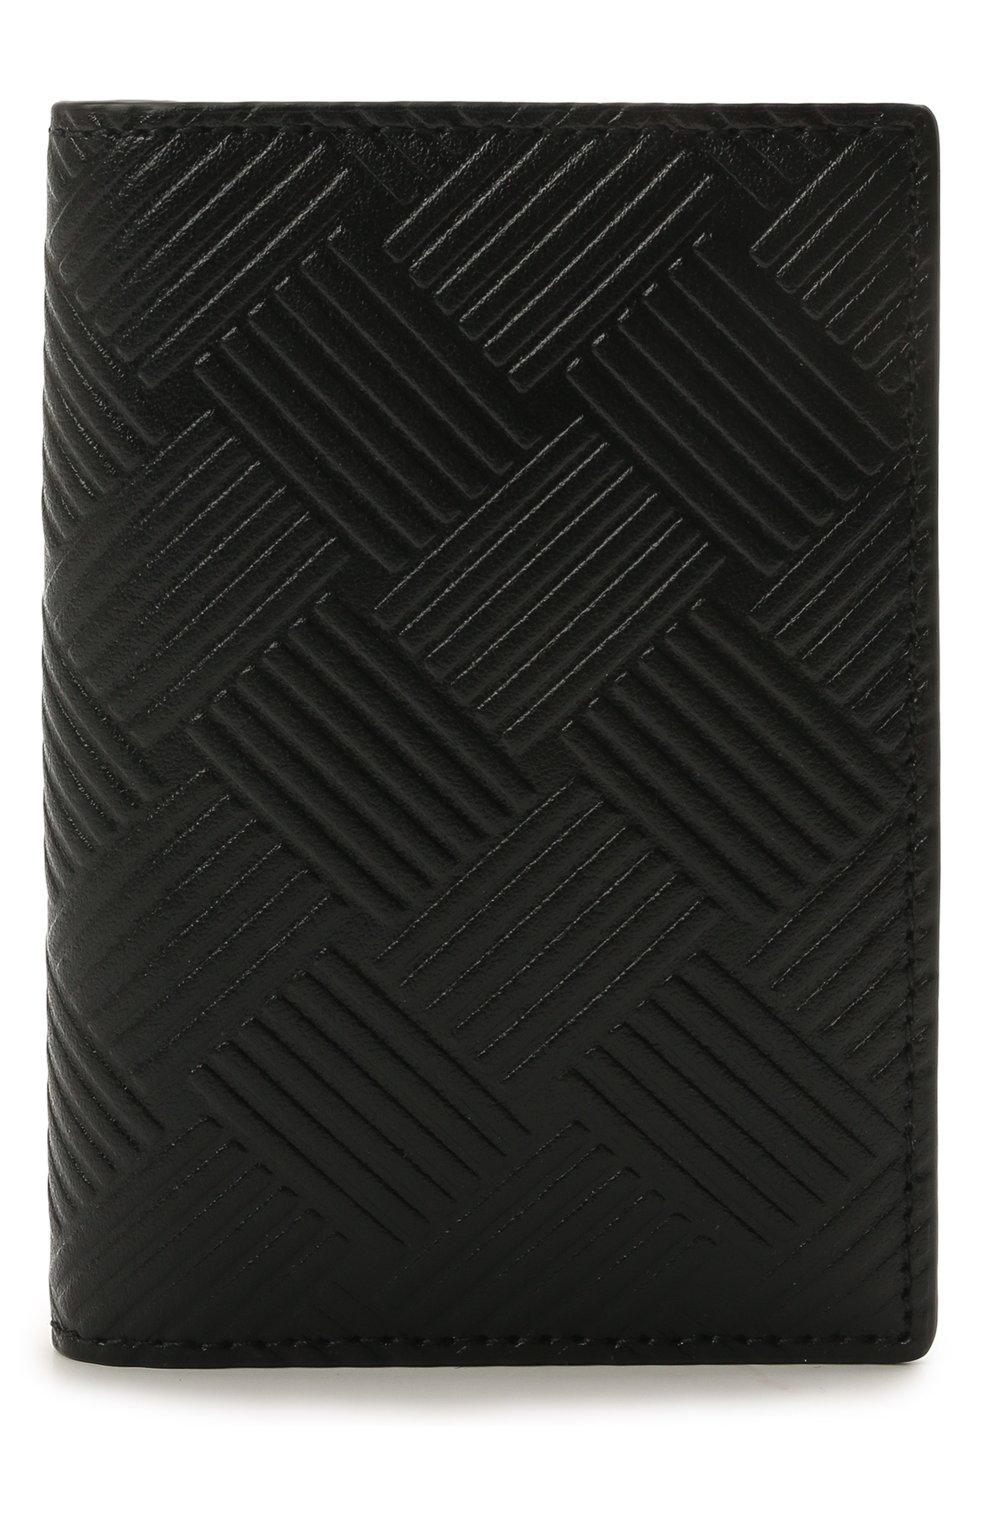 Мужской кожаный футляр для кредитных карт BOTTEGA VENETA черного цвета, арт. 592619/V0SQ1 | Фото 1